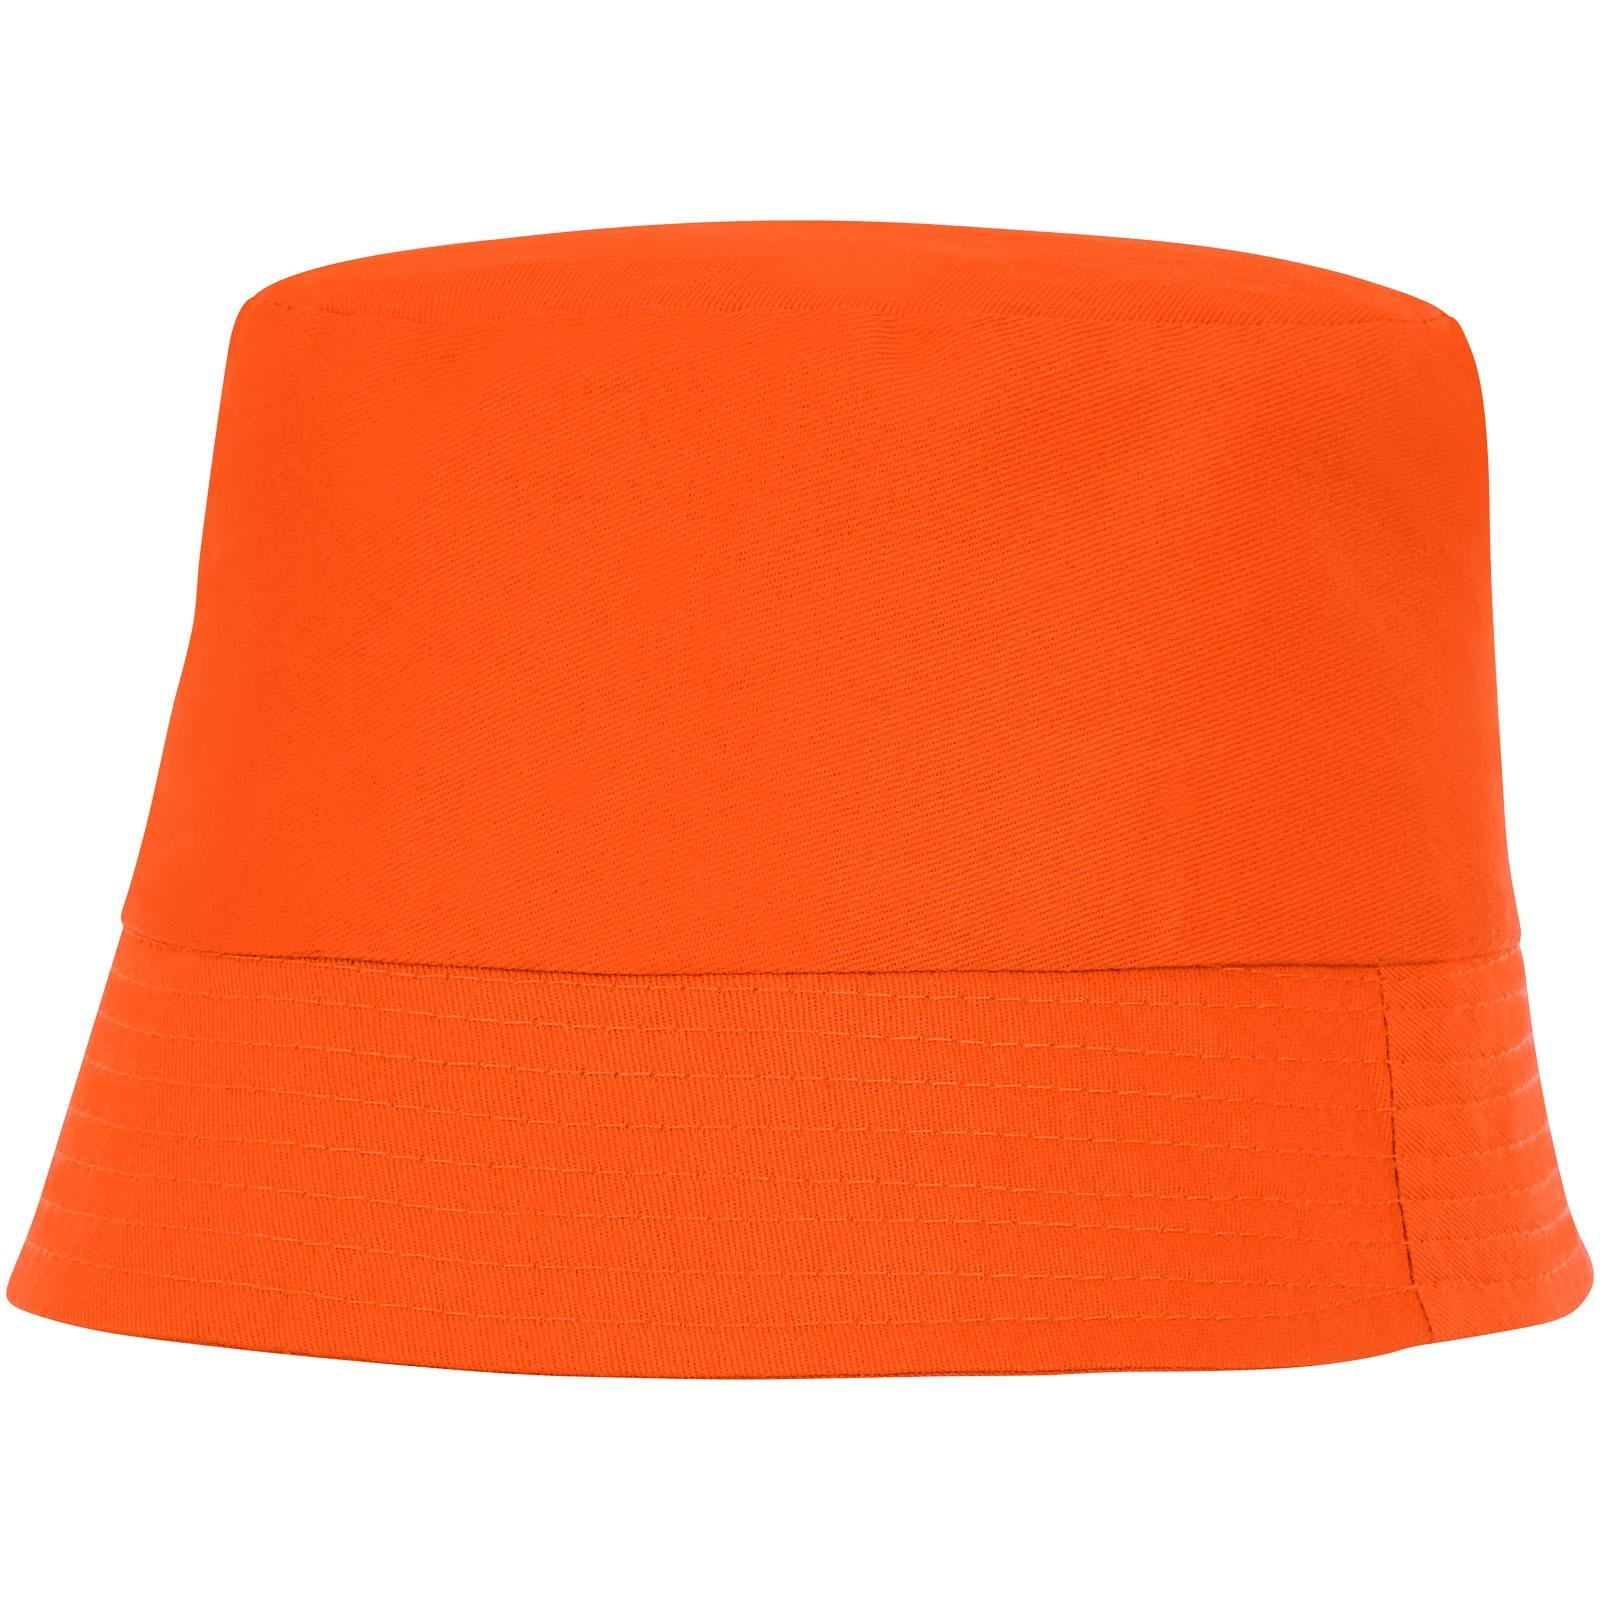 Solaris sun hat - Orange